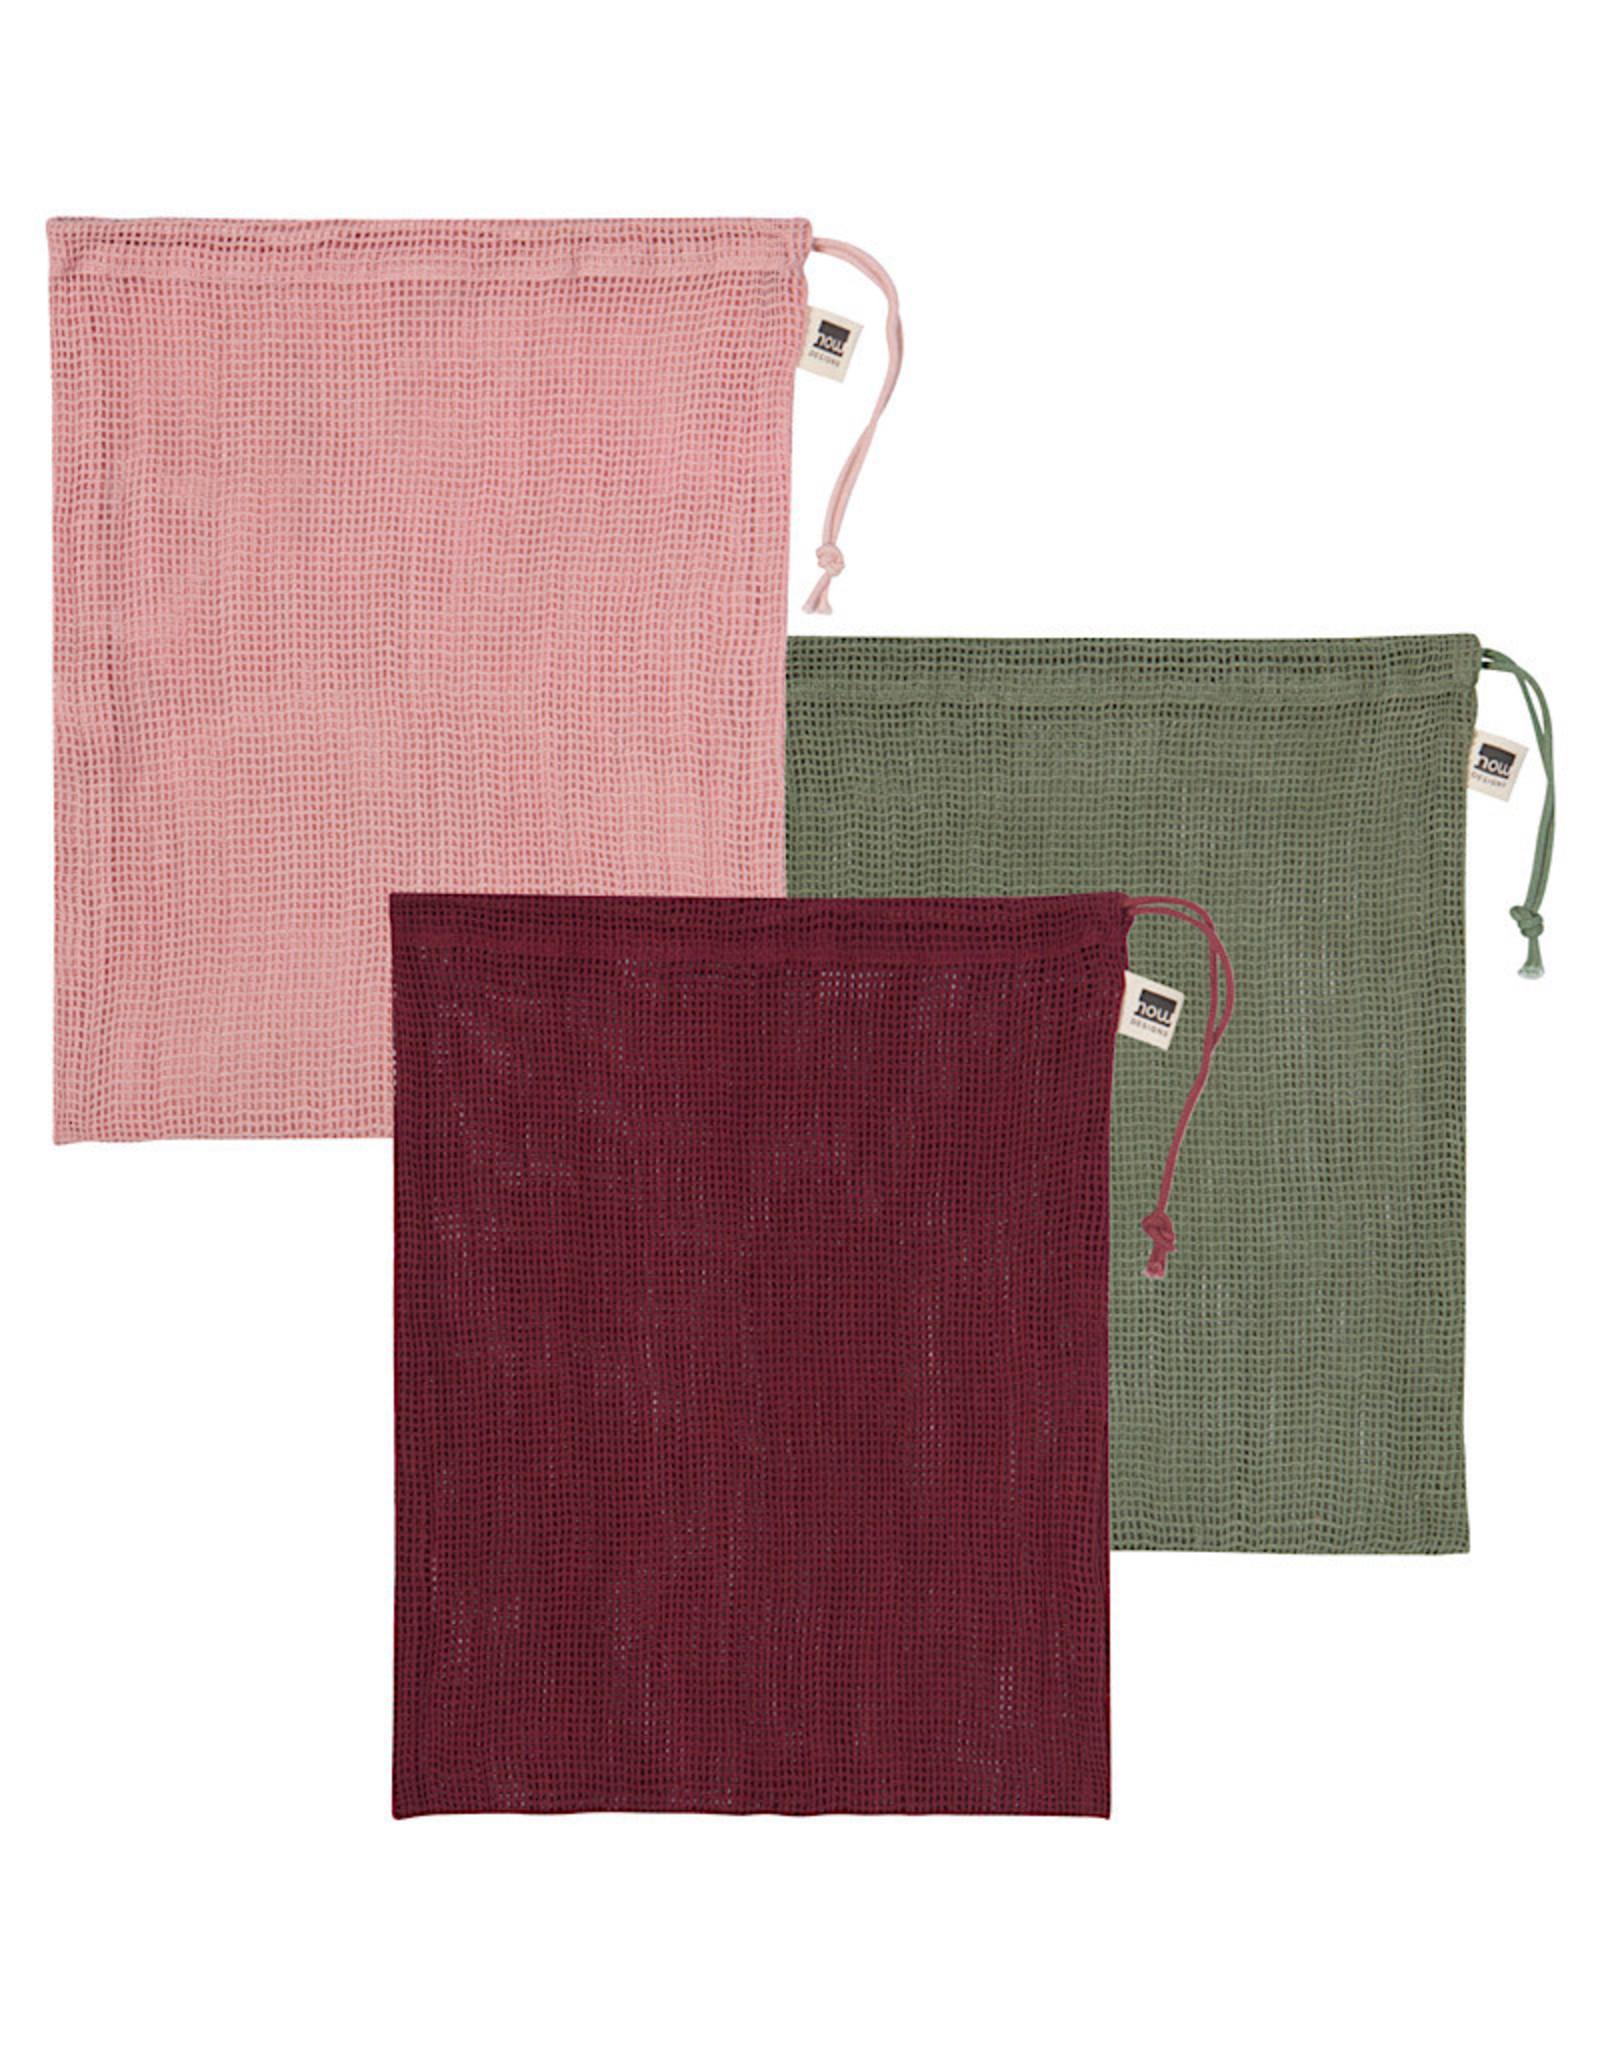 Produce Bag Set/3 Marche Blush